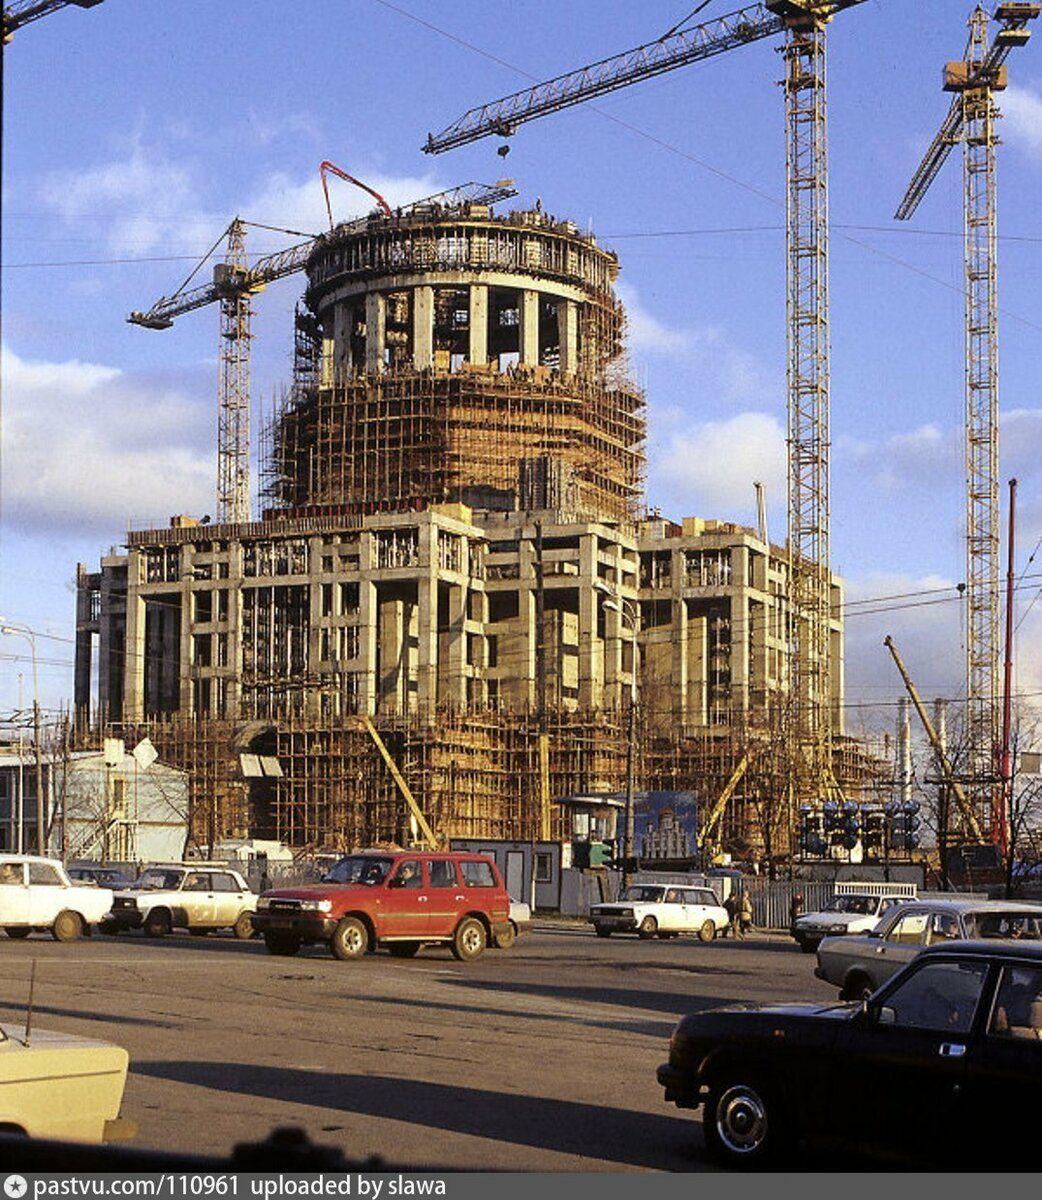 Москва 1990-х годов и сегодня. 10 фото | Про life в Москве и не только | Яндекс Дзен